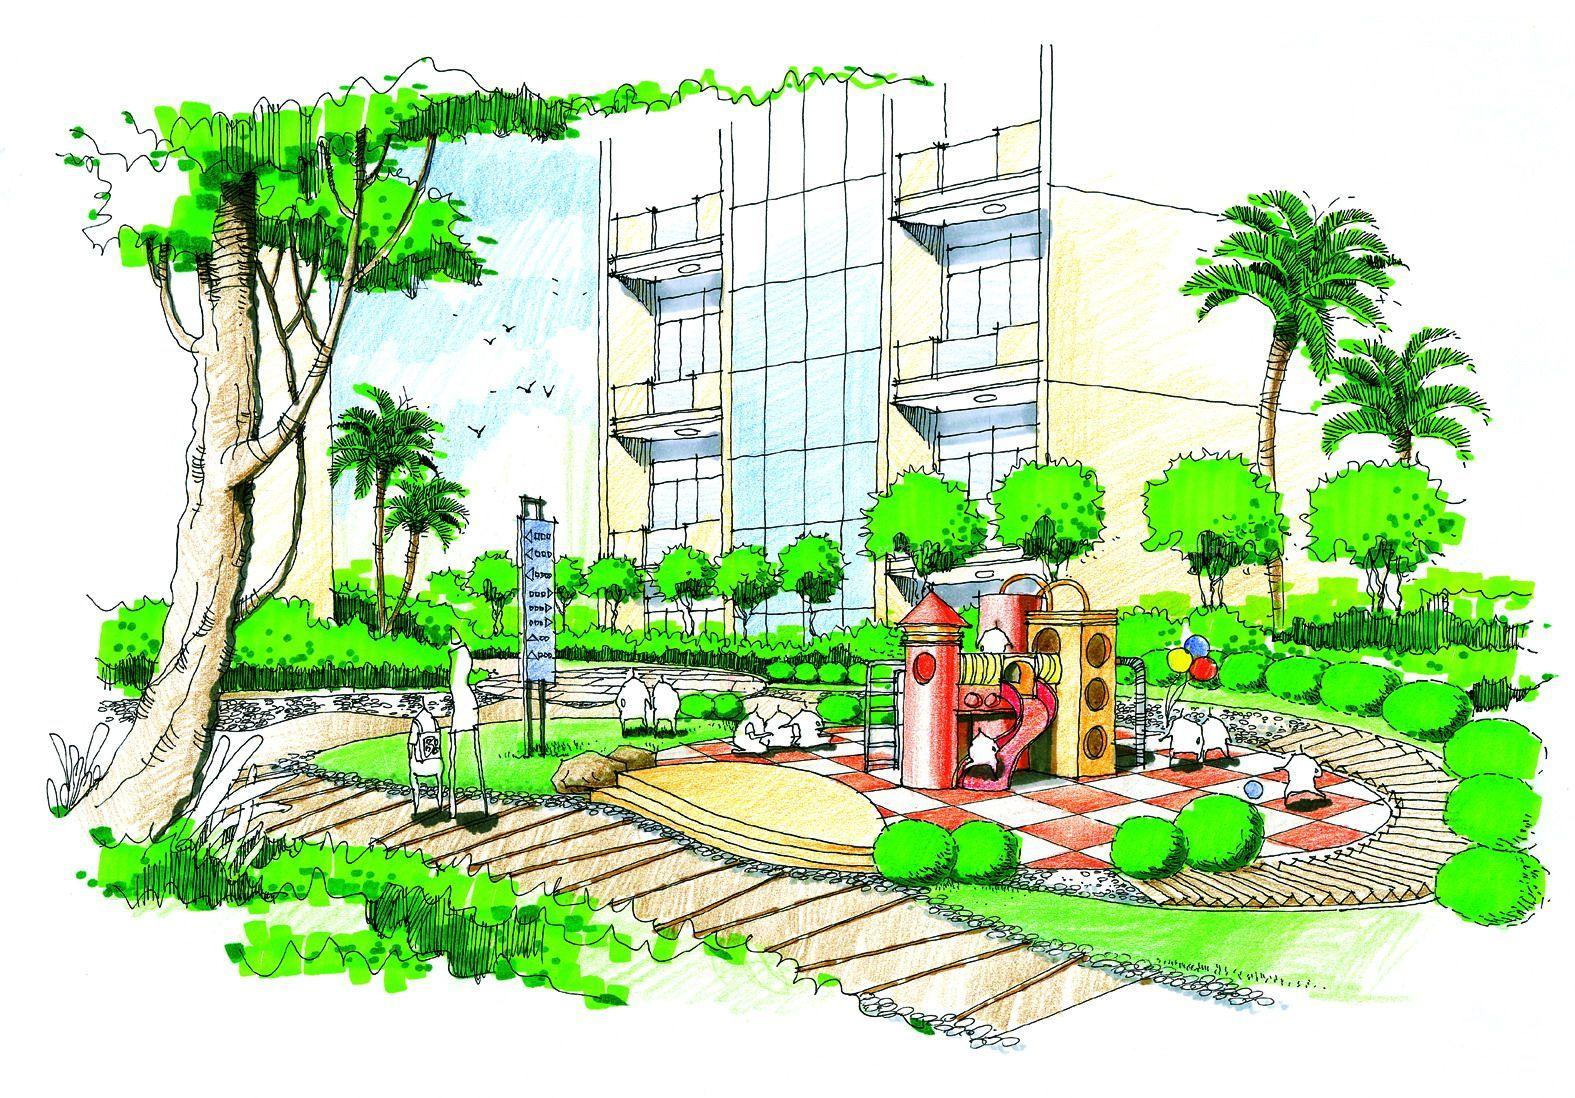 多层住宅区绿化景观手绘效果图